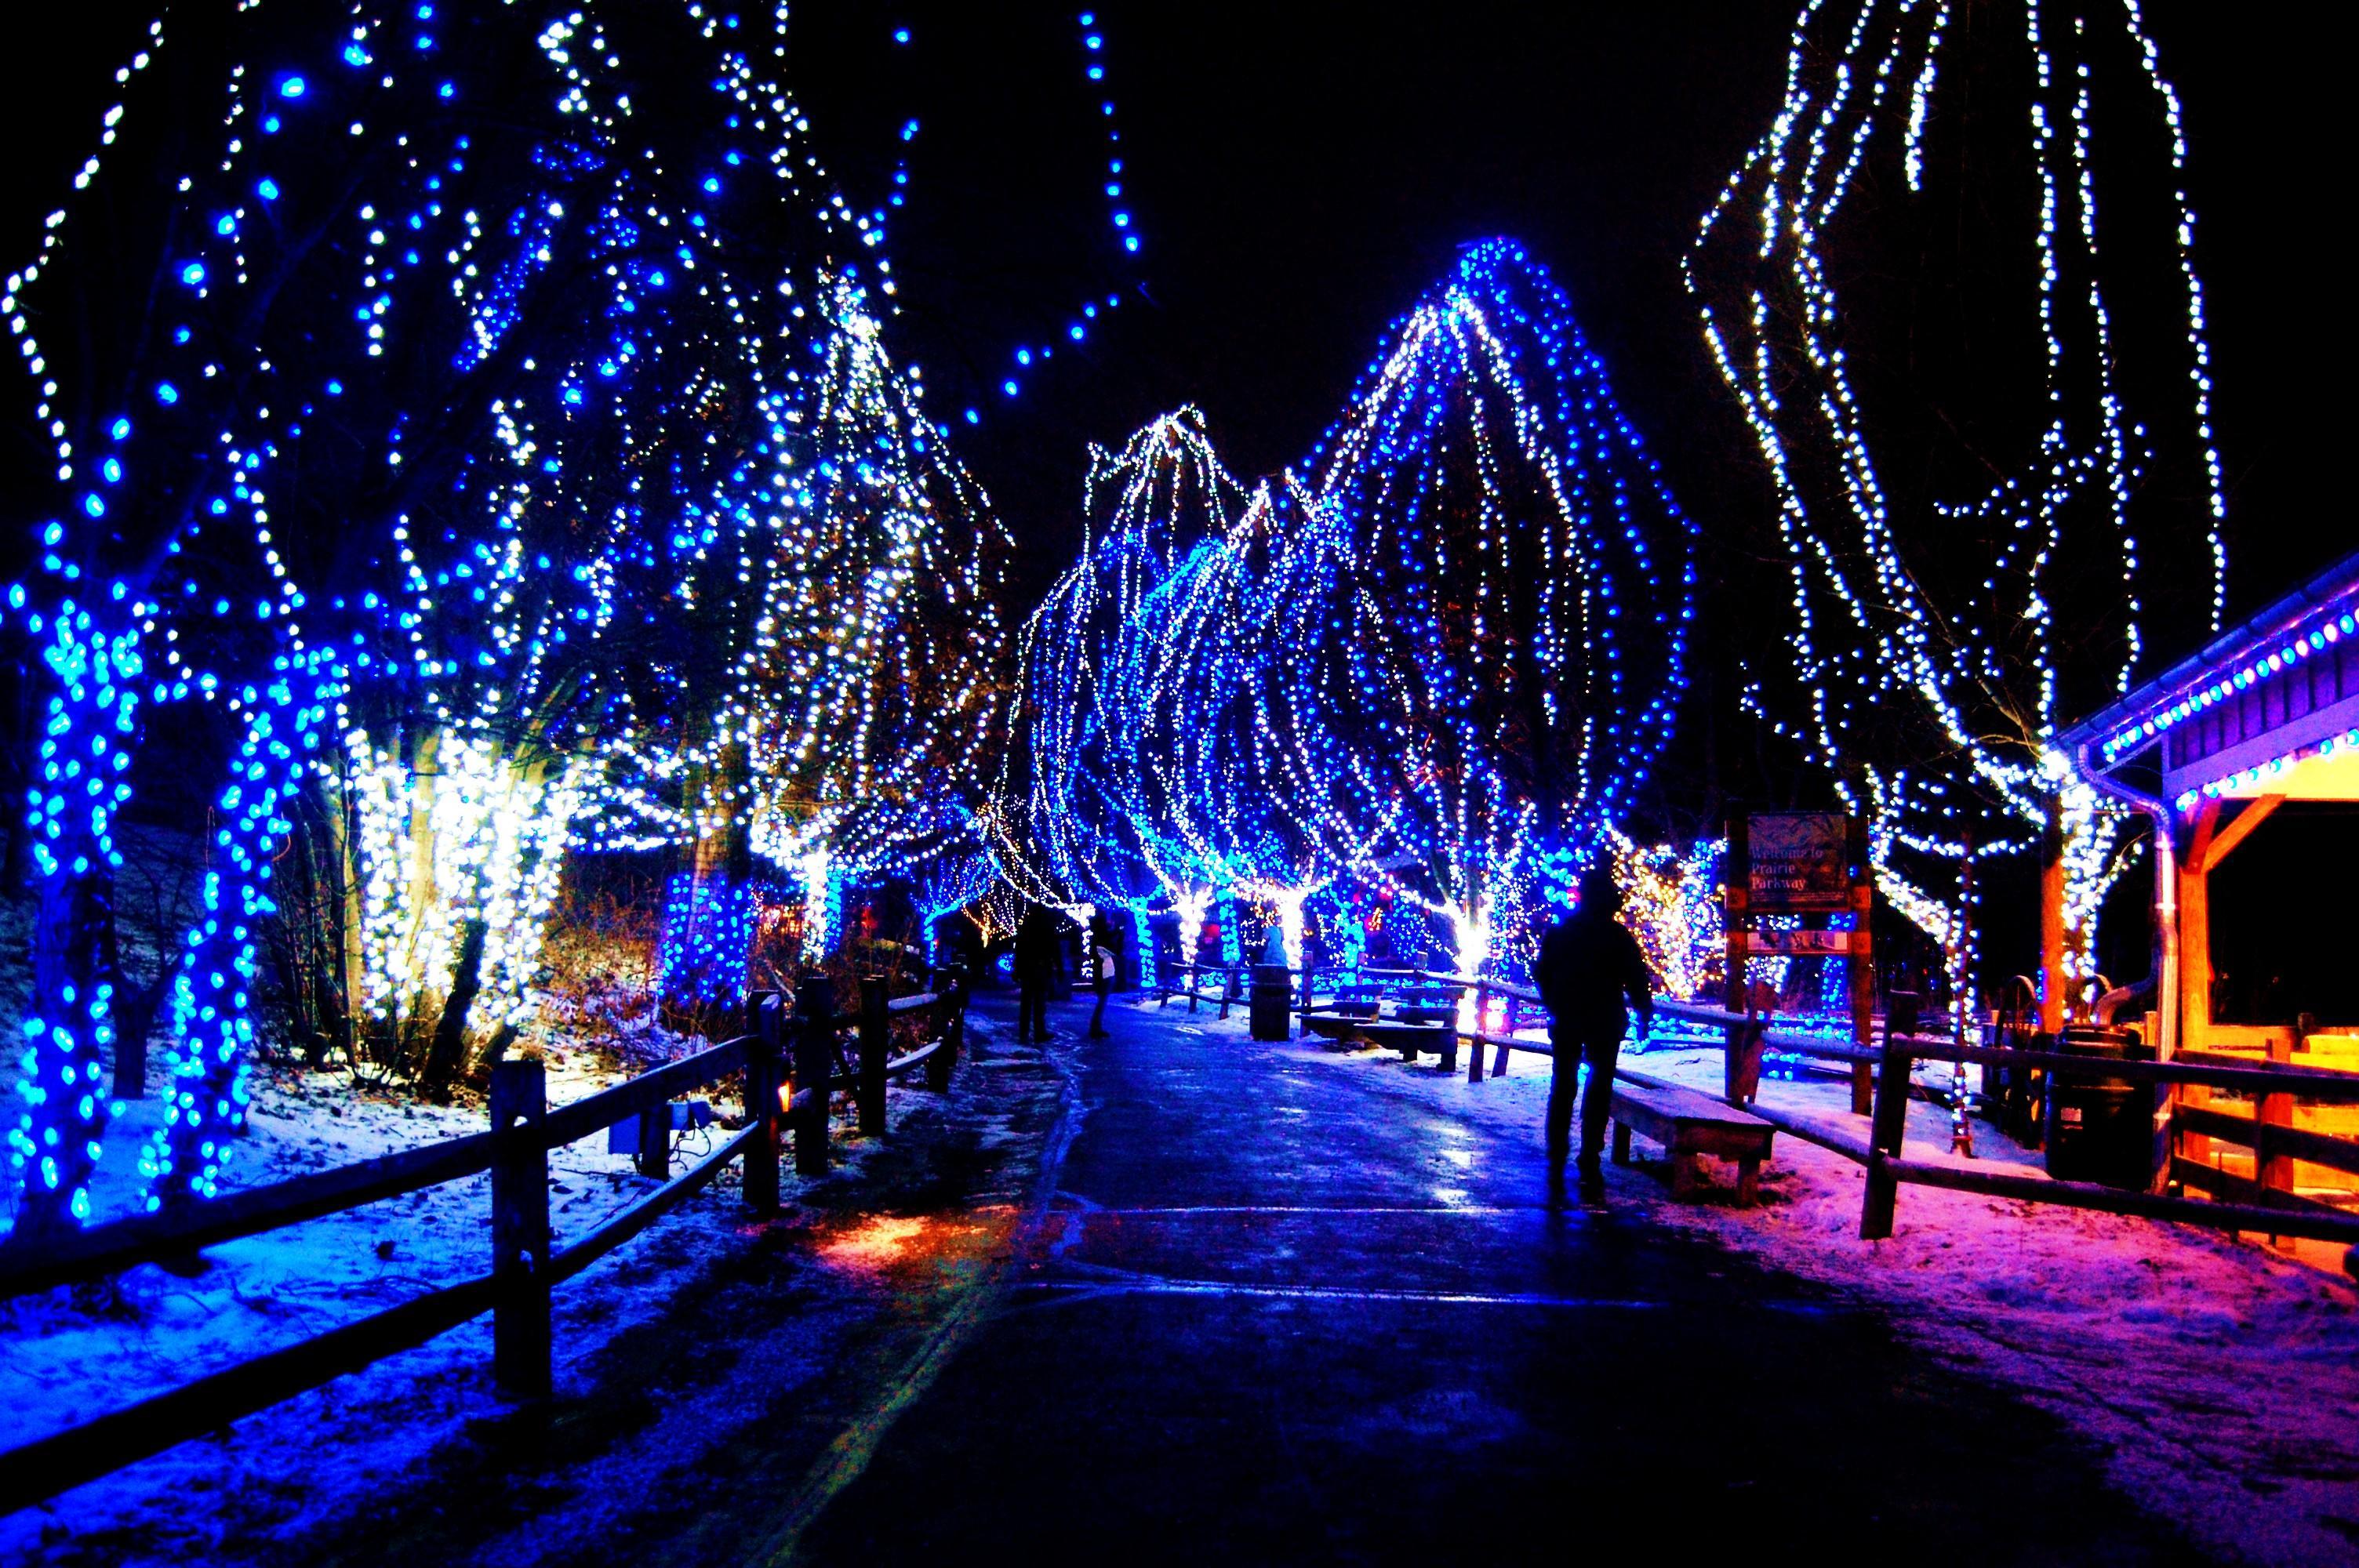 christmas live wallpaper,christmas lights,blue,light,landmark,lighting